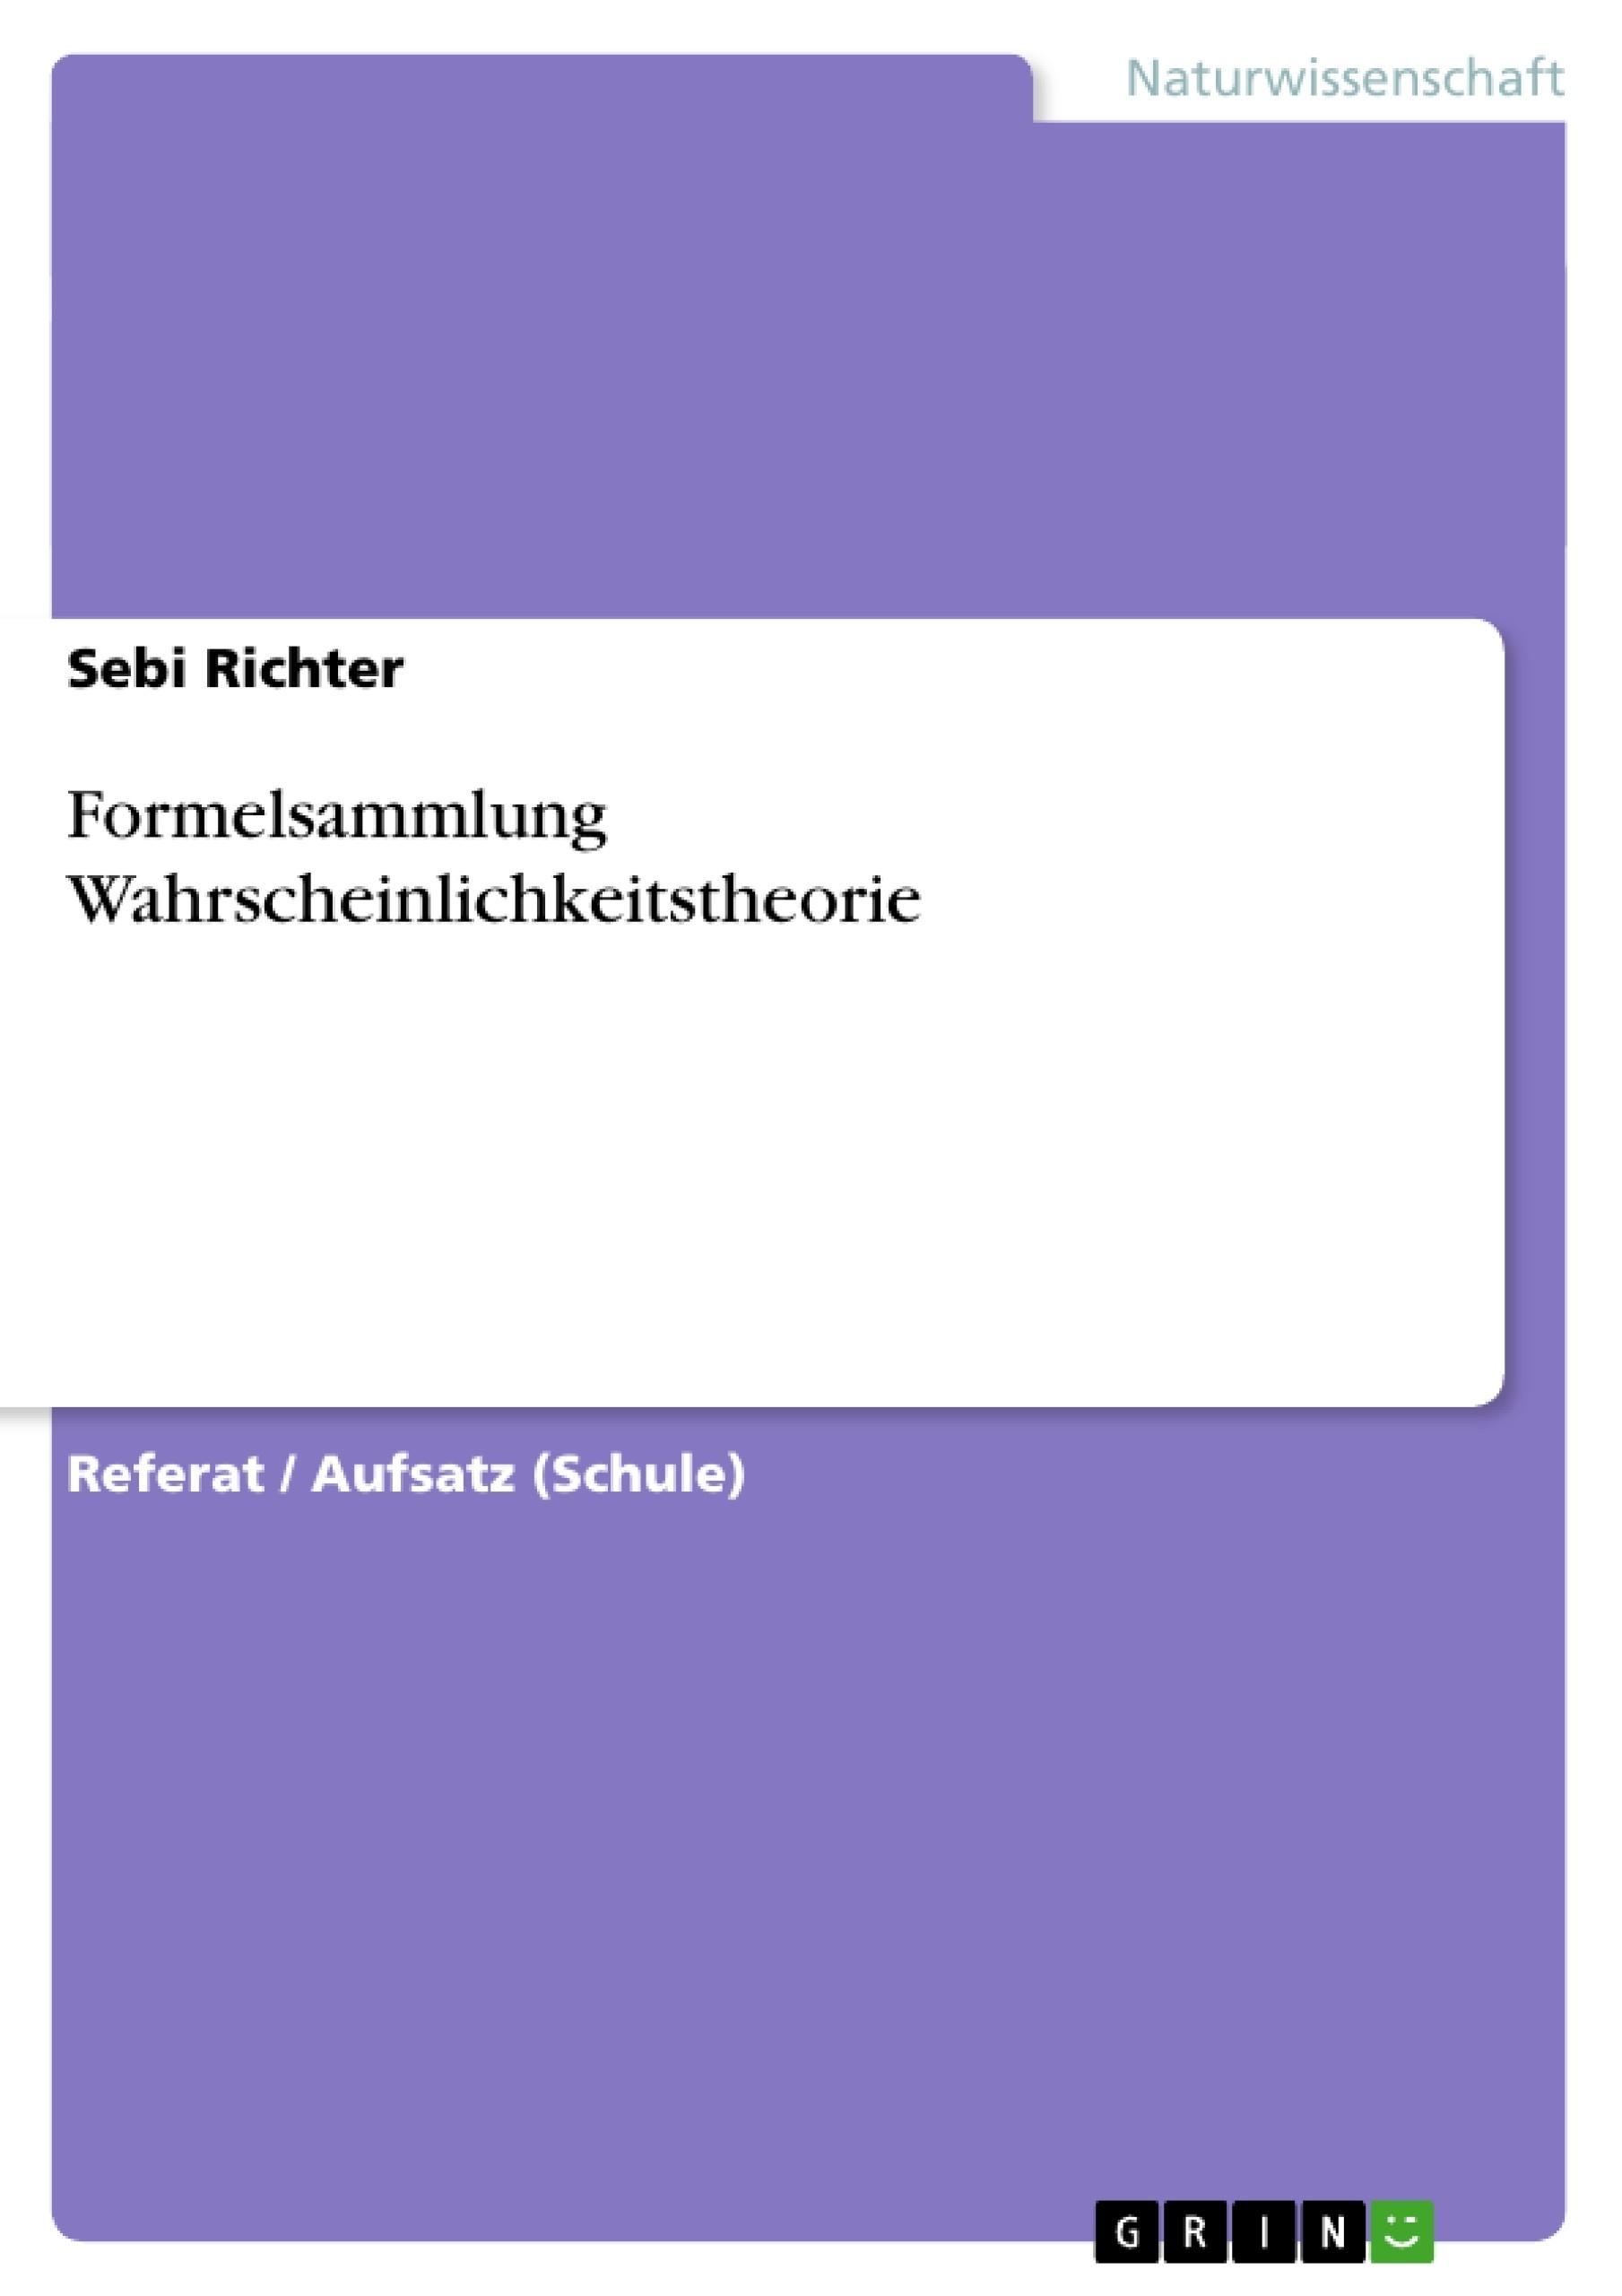 Titel: Formelsammlung Wahrscheinlichkeitstheorie